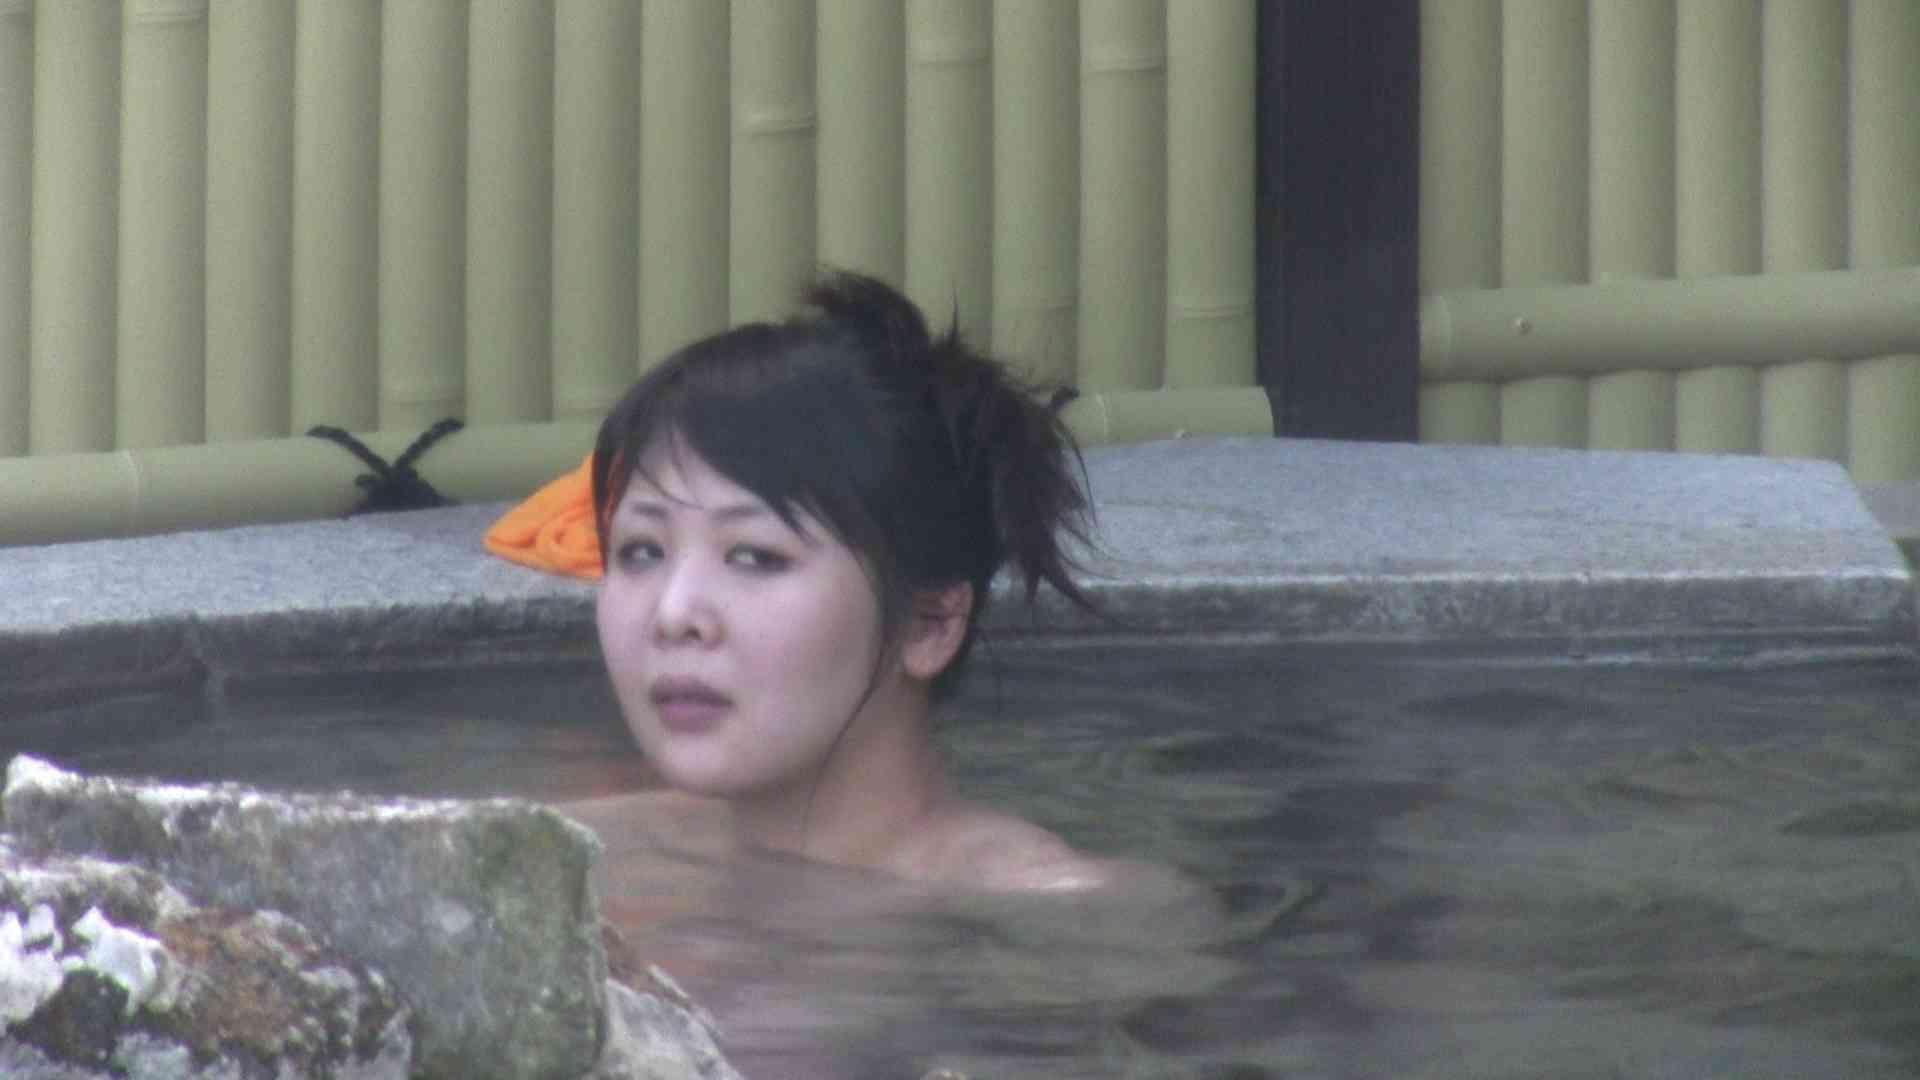 Aquaな露天風呂Vol.118 0  84pic 4